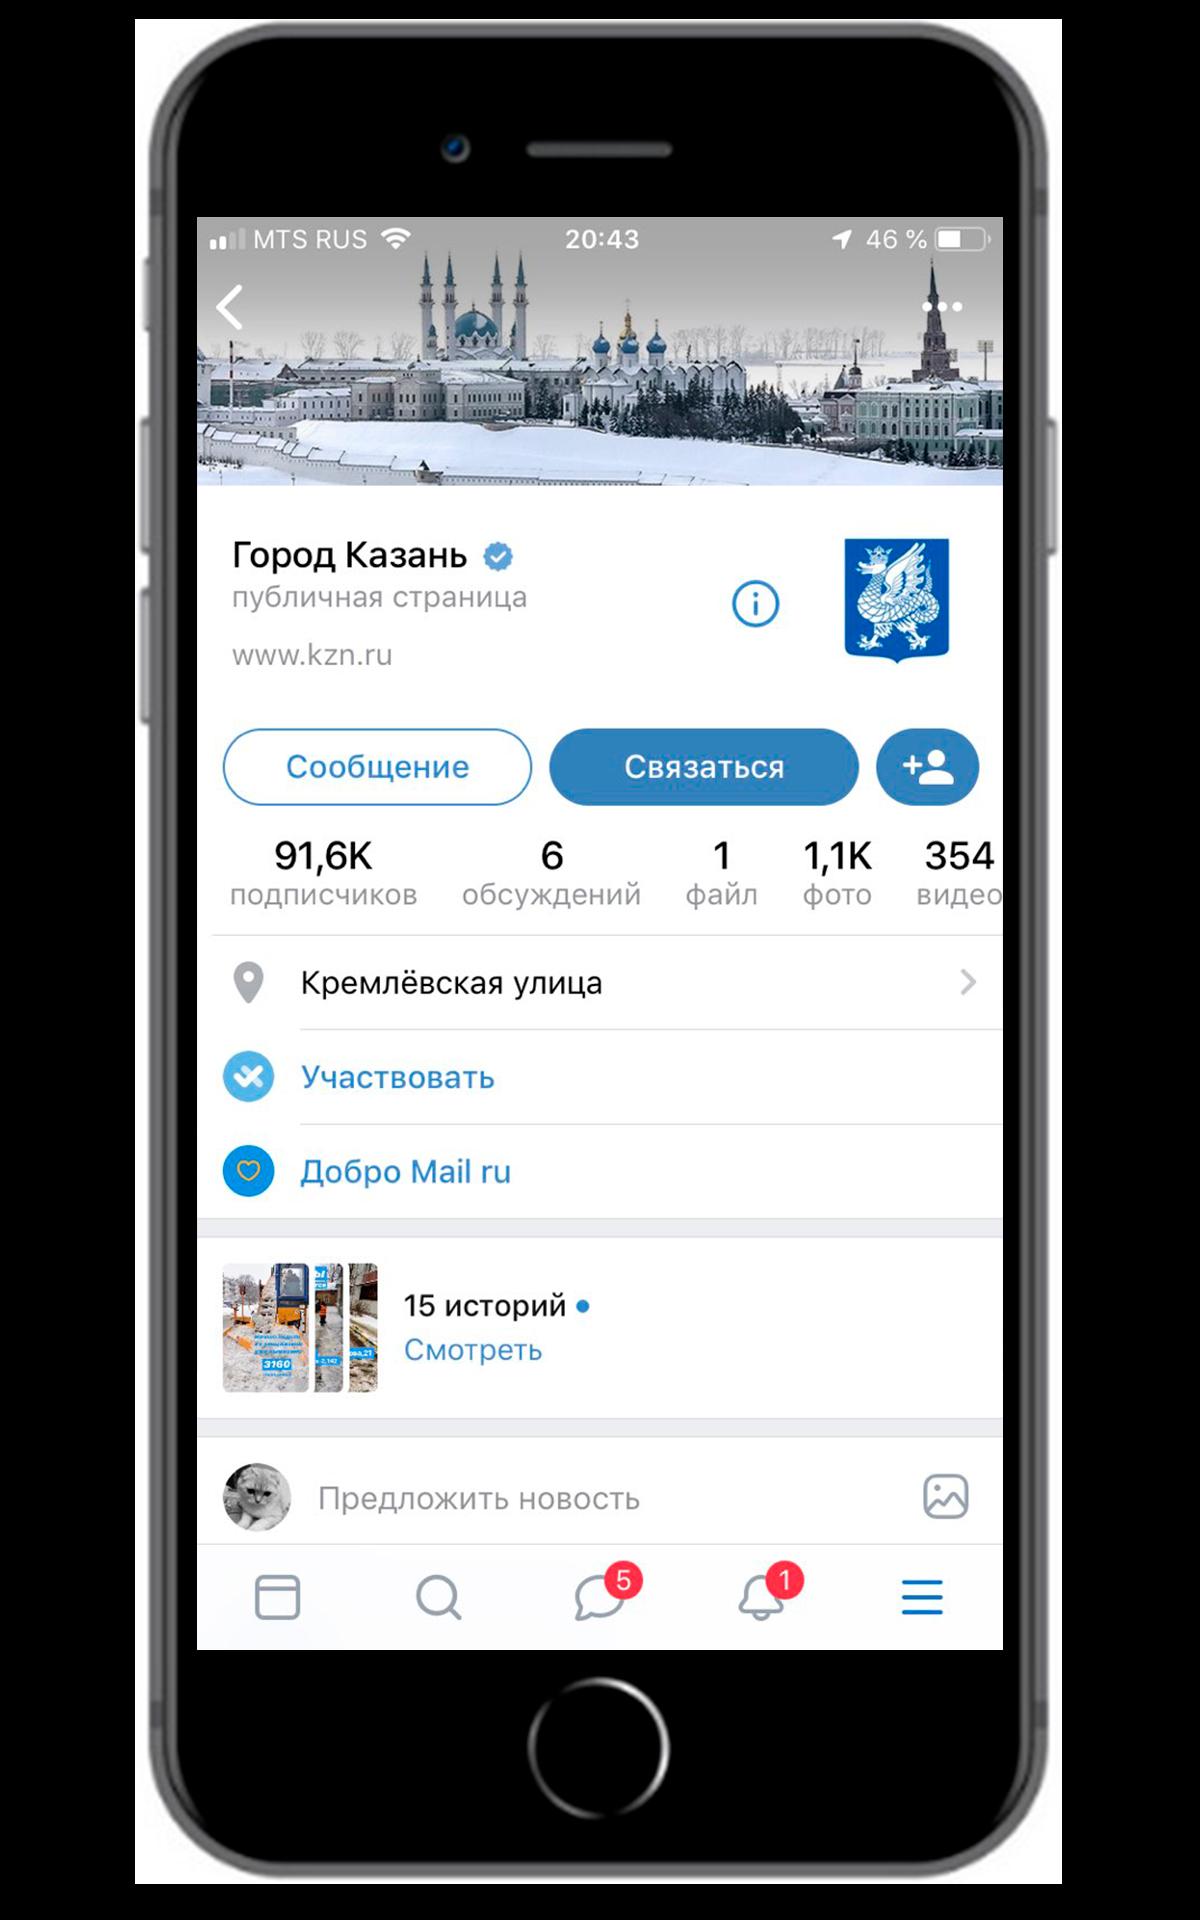 Официальные аккаунты мэрии Казани в социальных медиа